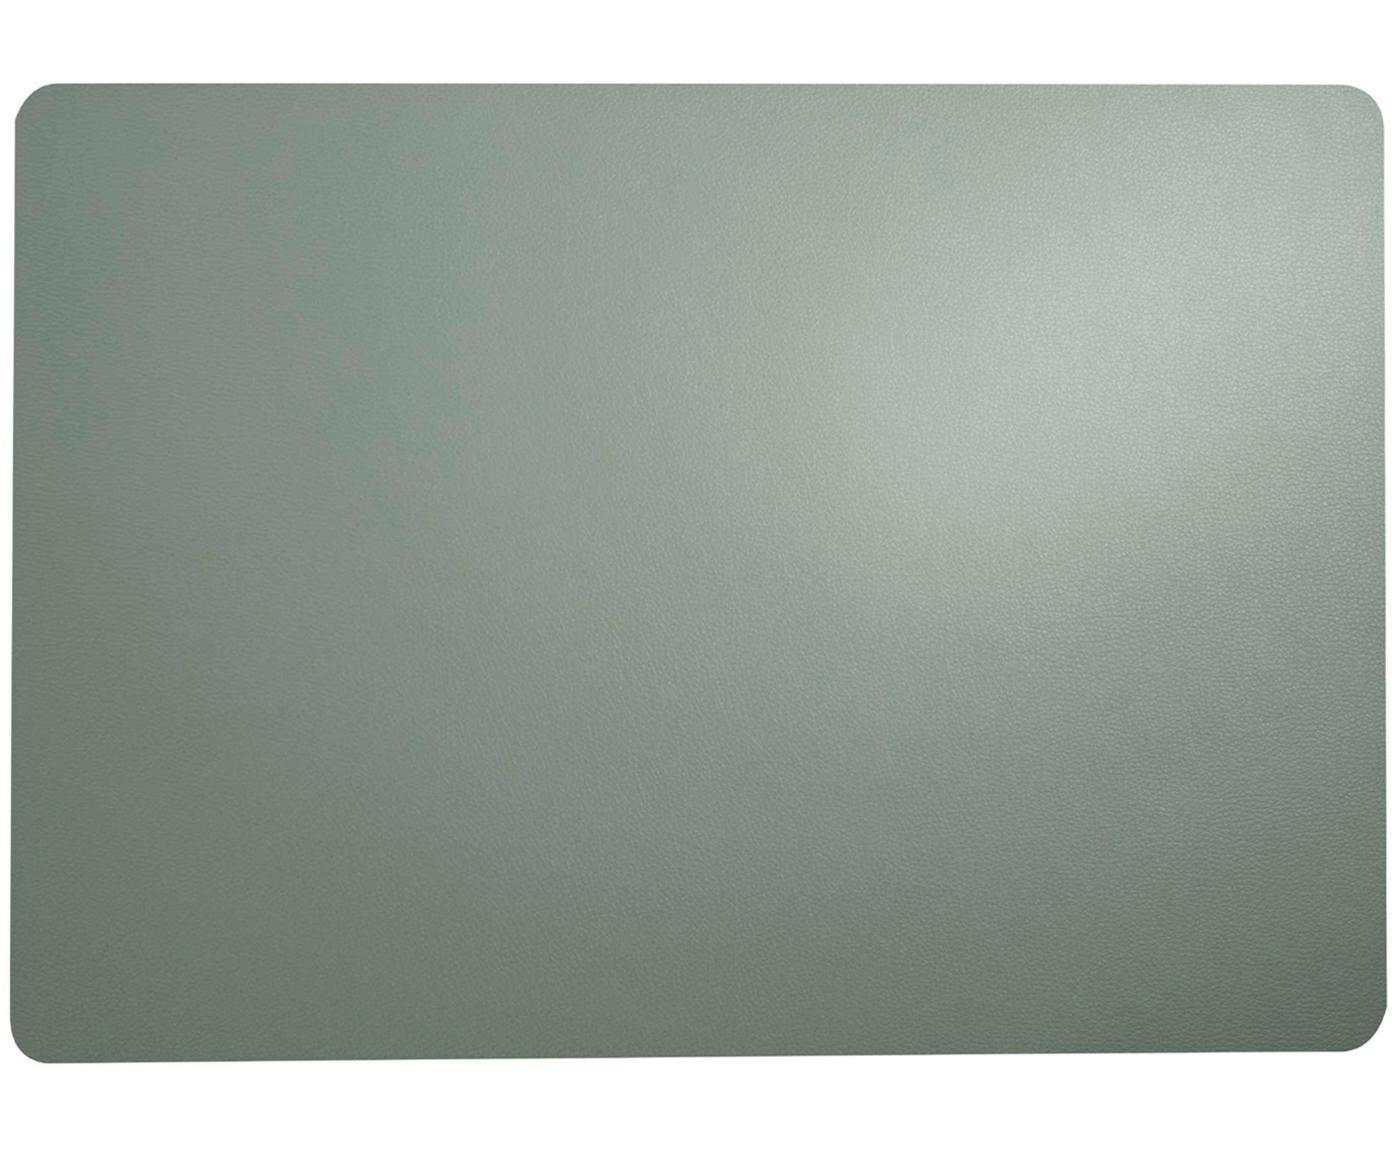 Podkładka ze sztucznej skóry Pik, 2 szt., Tworzywo sztuczne (PVC), Zielony miętowy, S 33 x D 46 cm